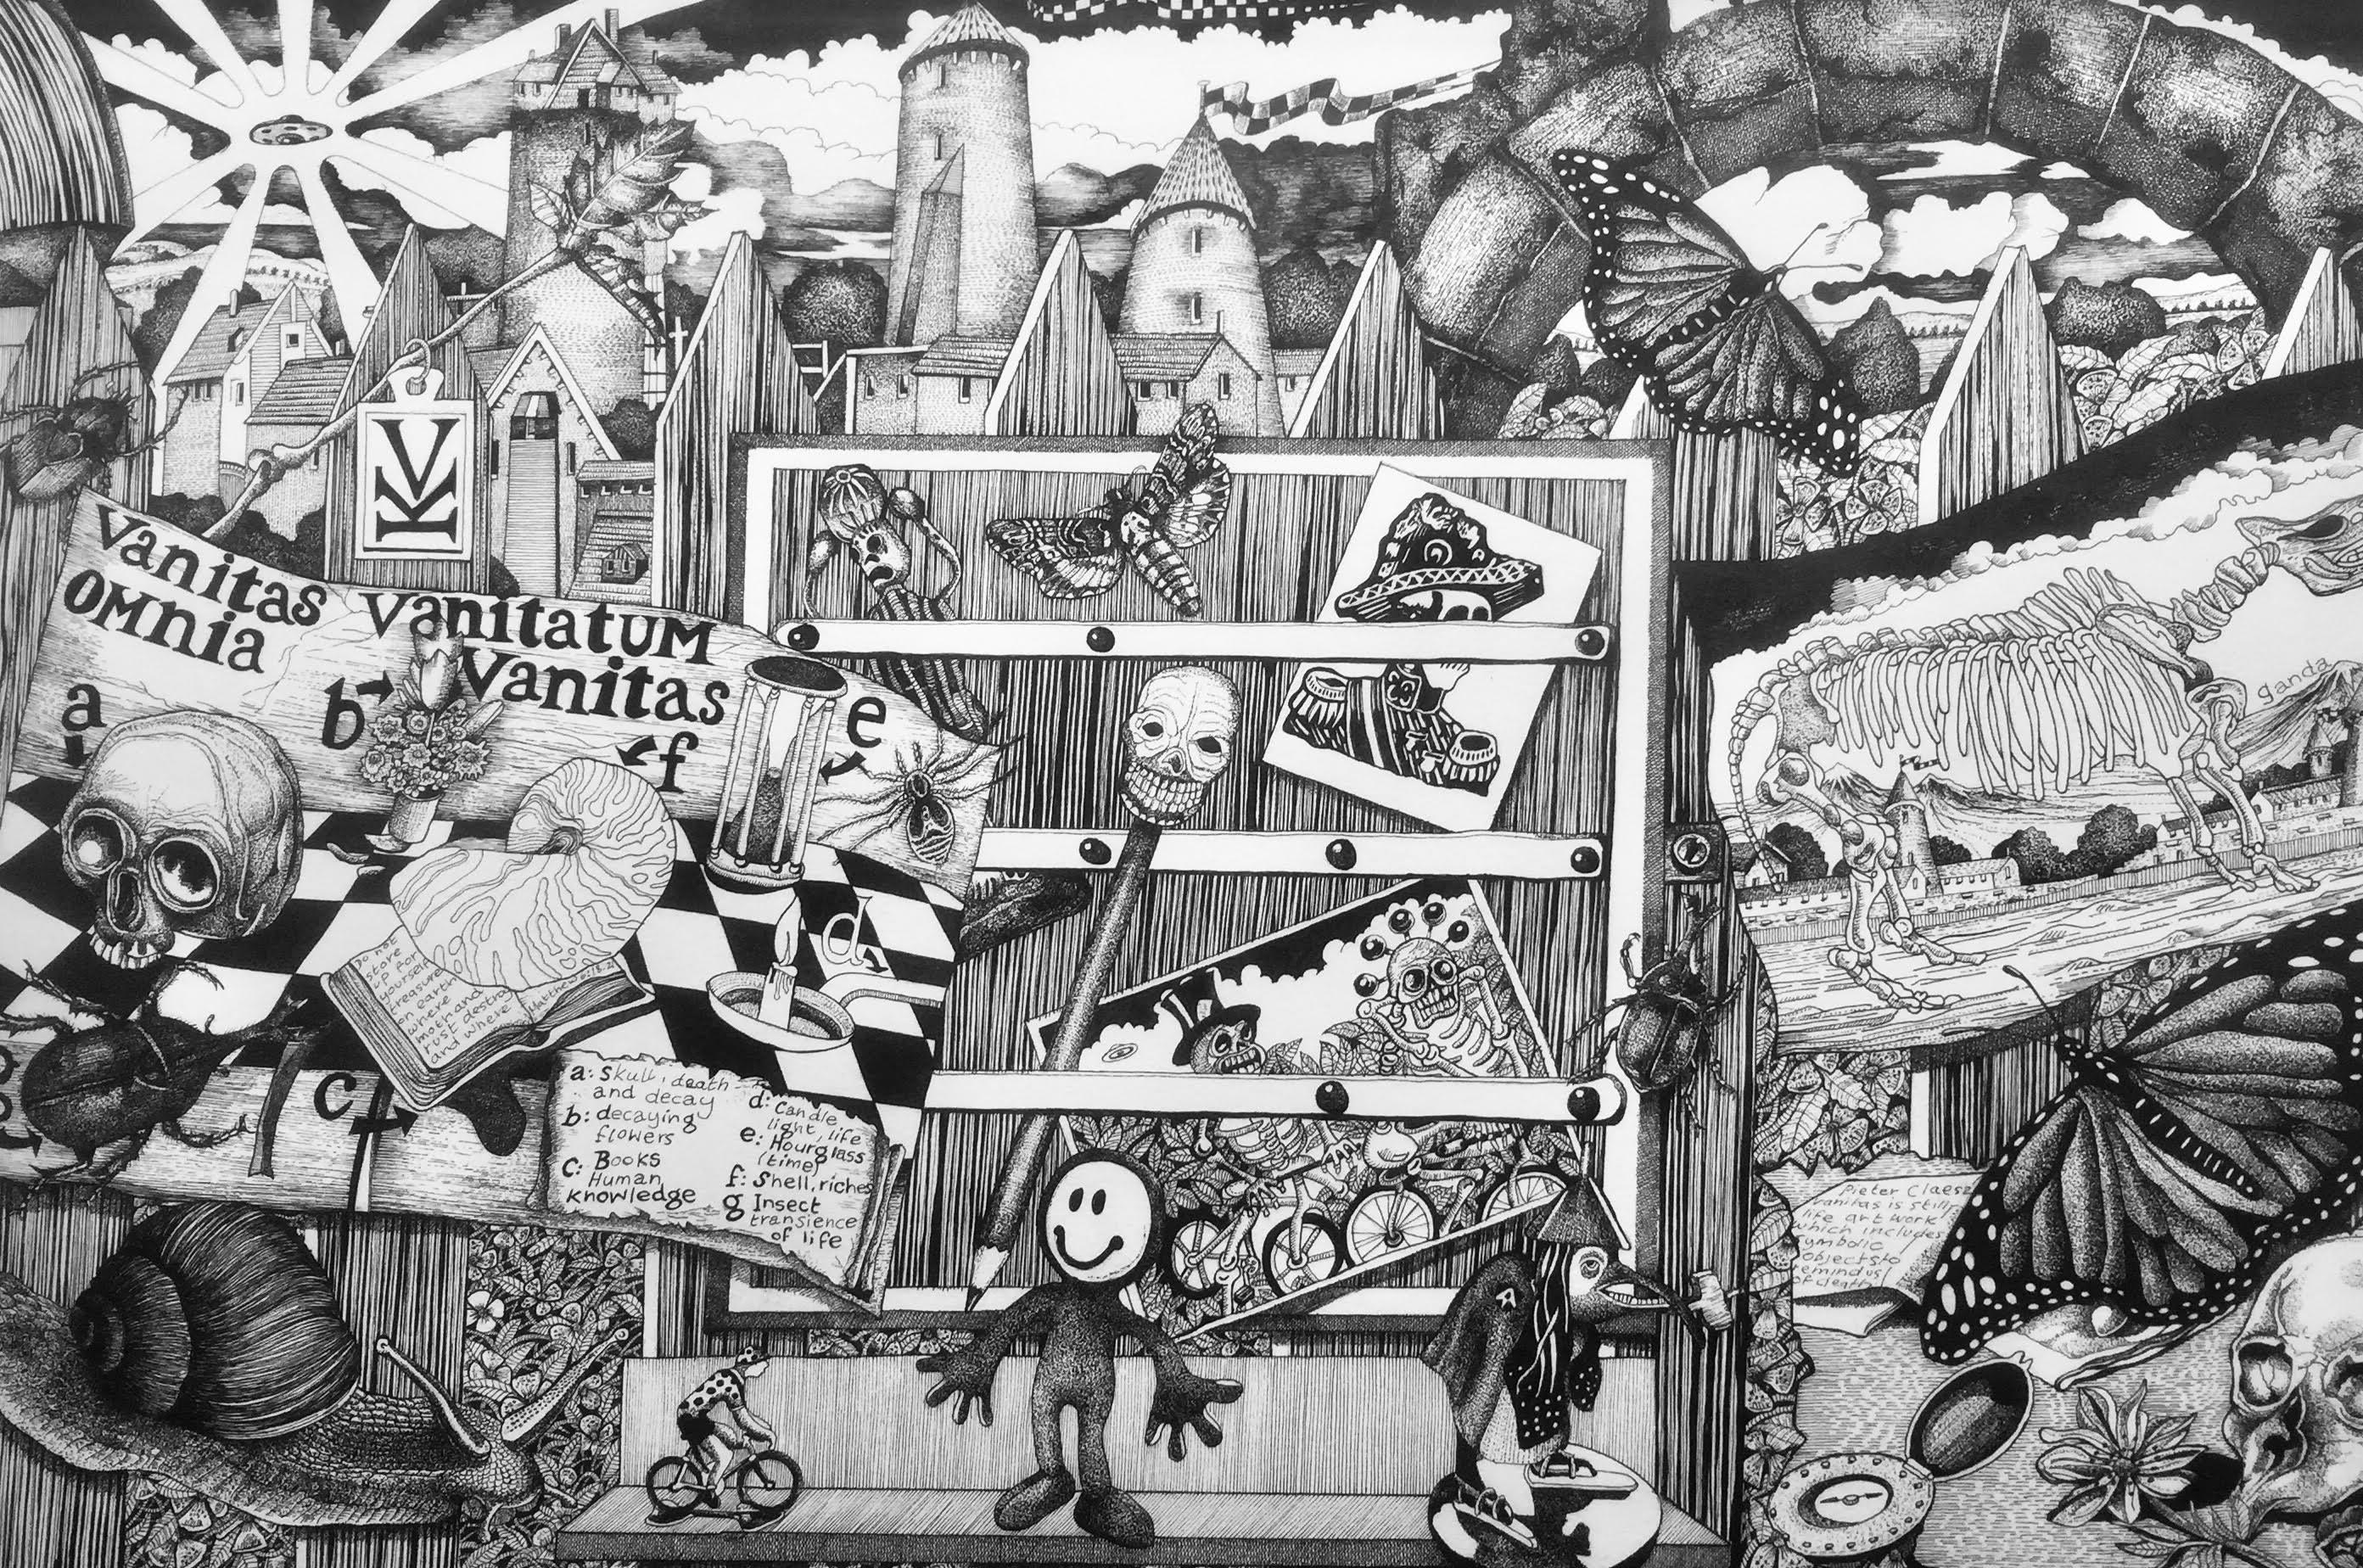 Cass Art: Vincent Kelly